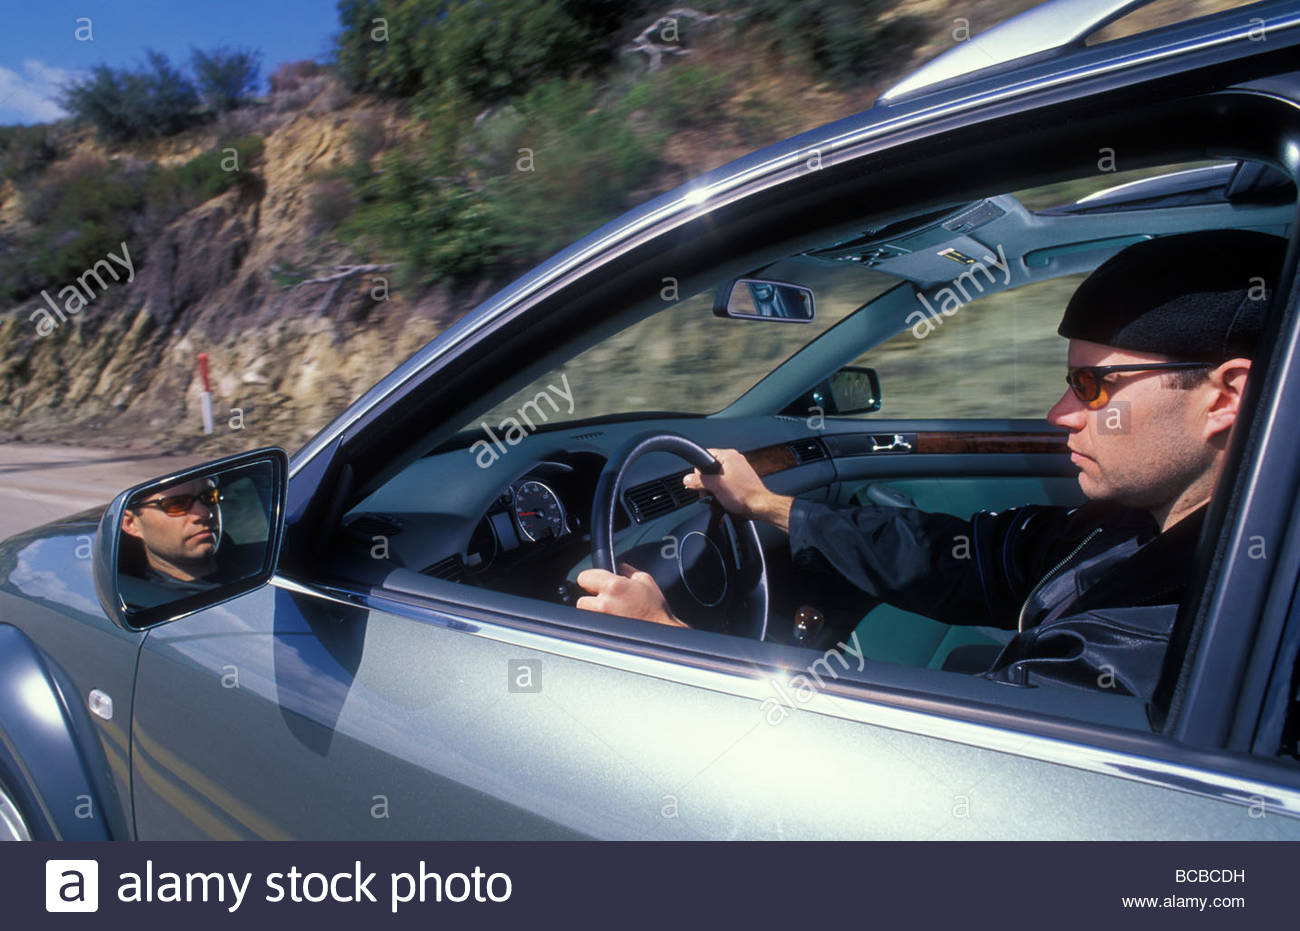 Ein Mann fährt einen Sportwagen in Los Angeles. Stockbild